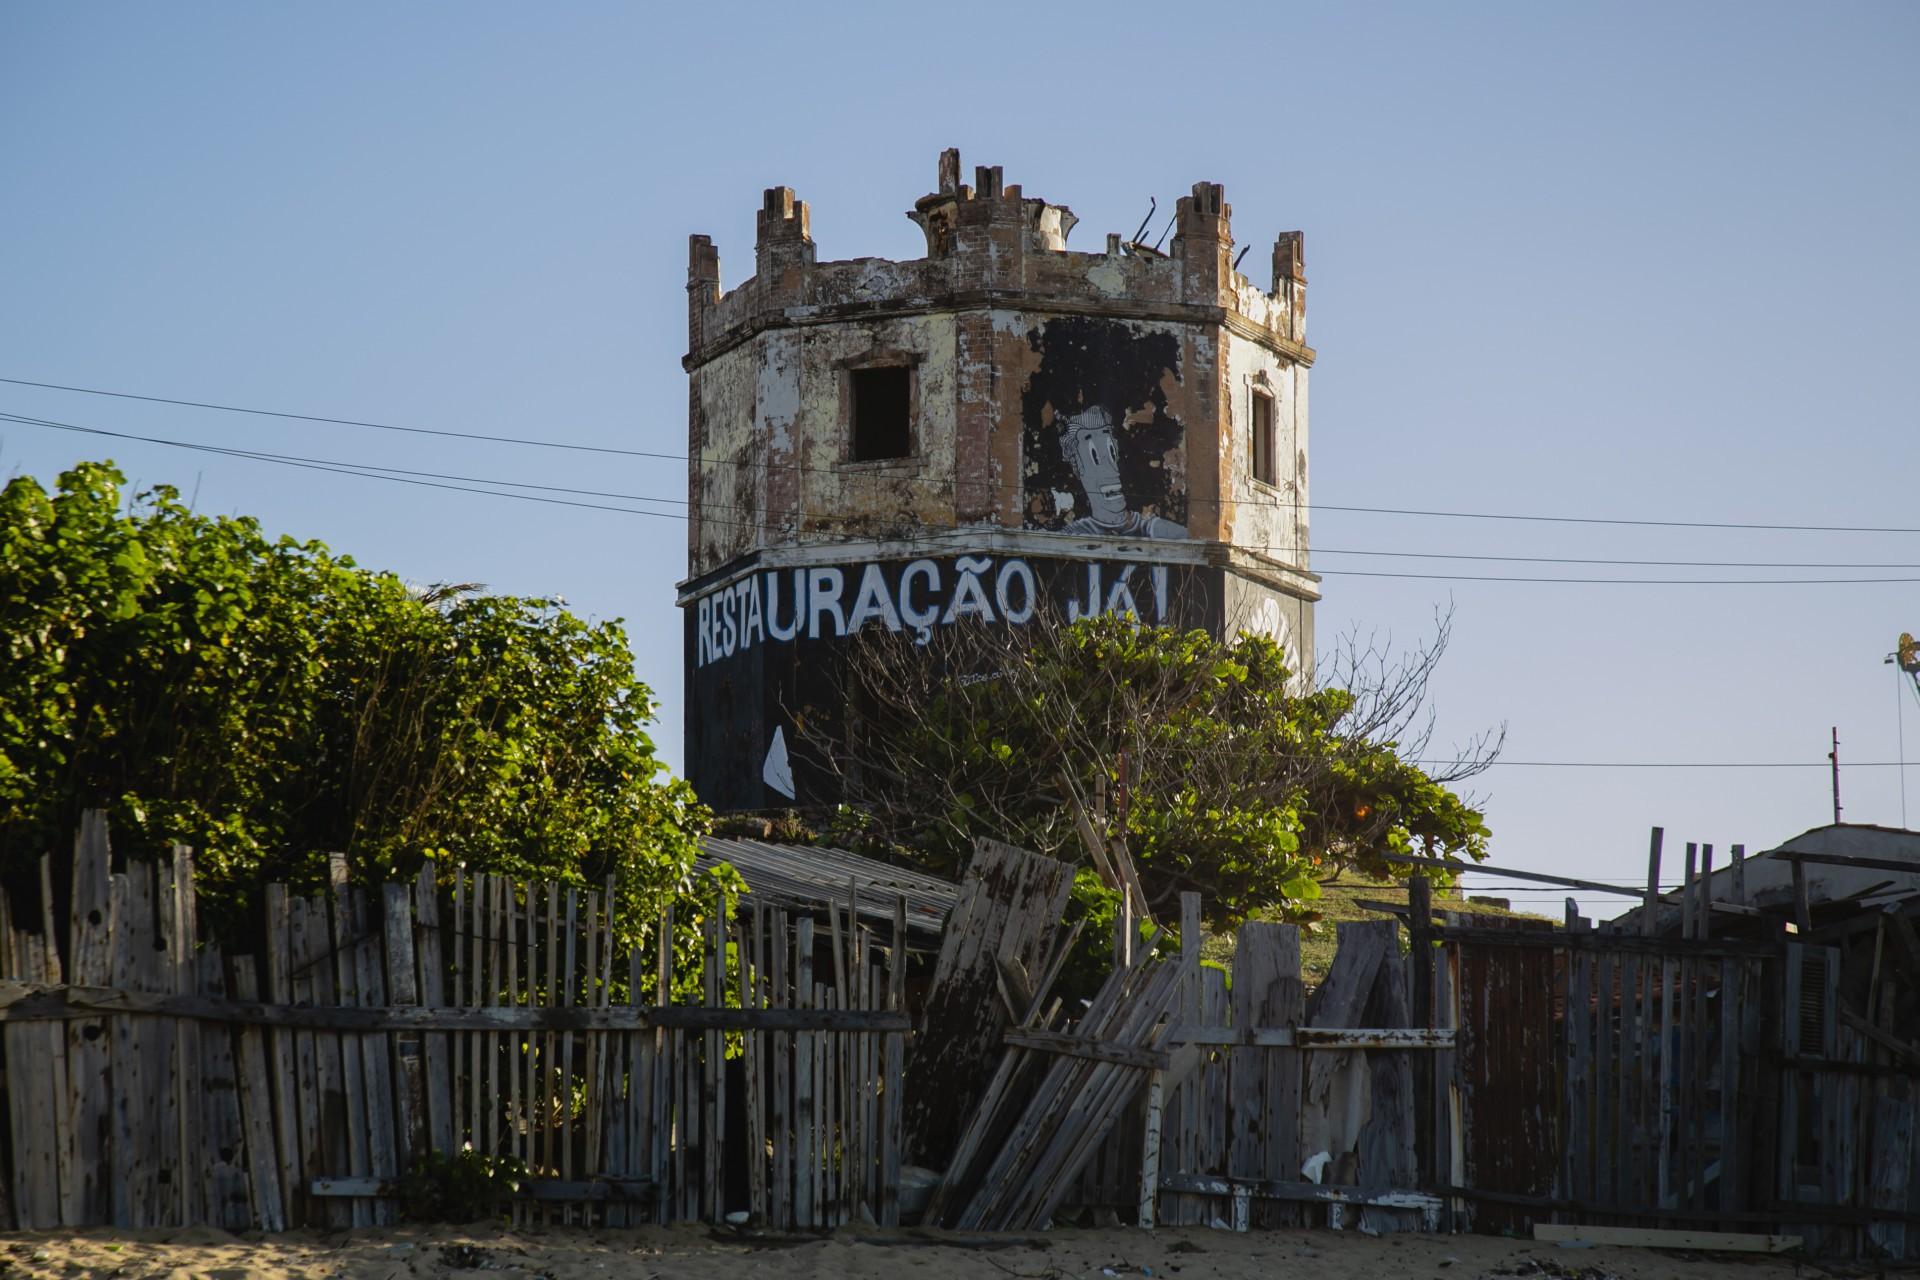 Farol do Mucuripe, símbolo de Fortaleza, caindo de podre, de abandonado (Foto: Aurelio Alves)